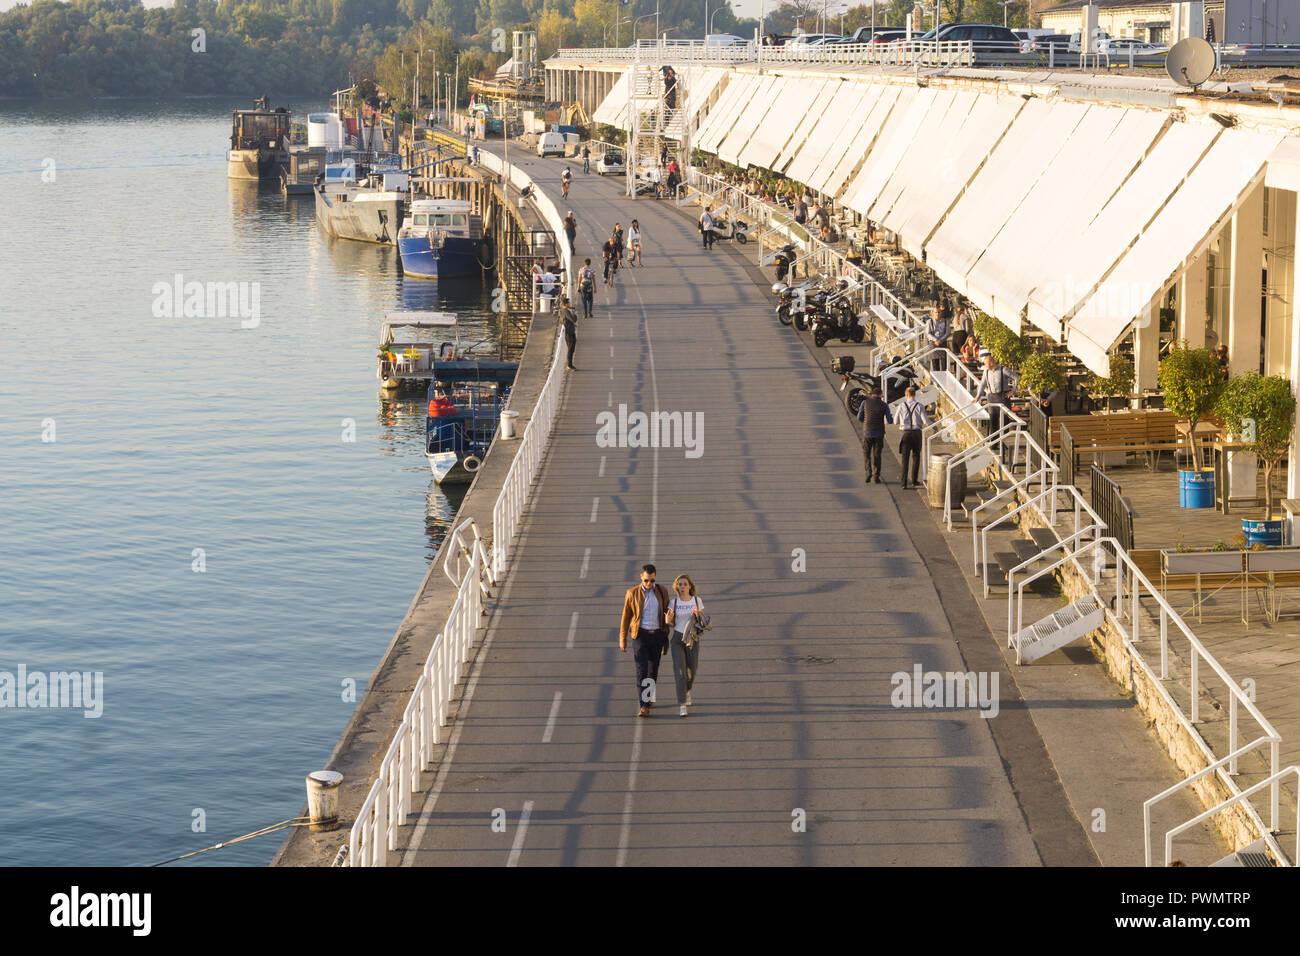 Beton Hala in Belgrad und der Fluss Sava Waterfront. Serbien. Stockbild